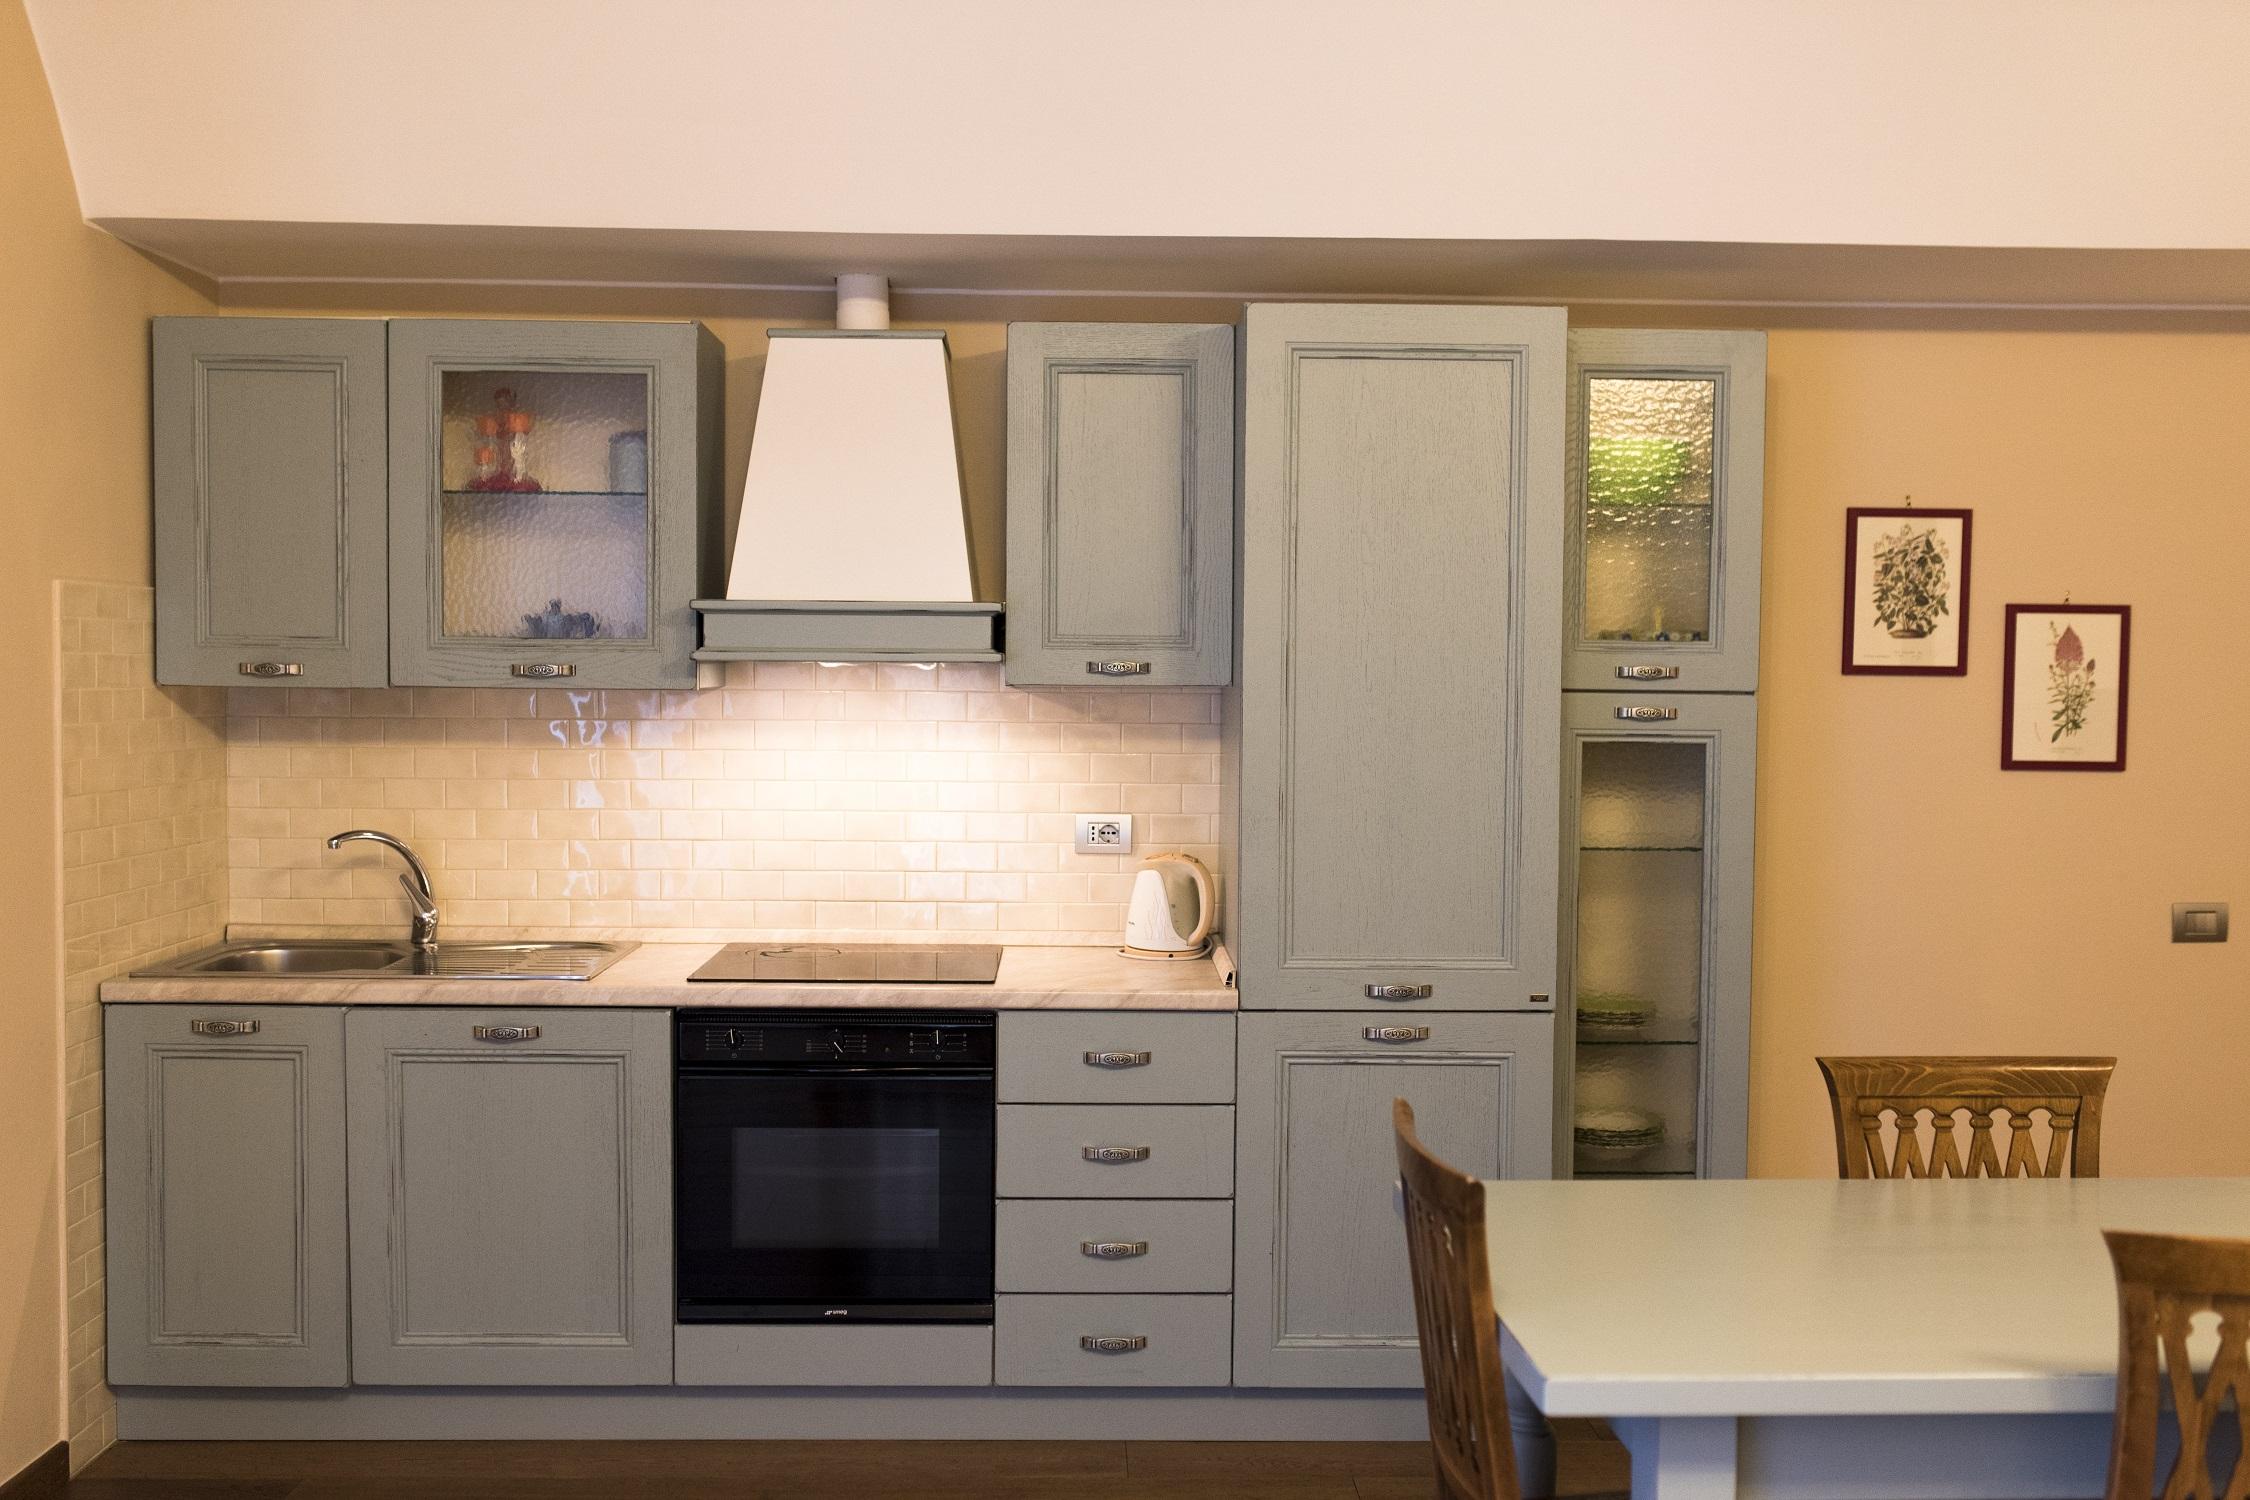 altarocca-resort-servizi-appartamenti-classic-appartament